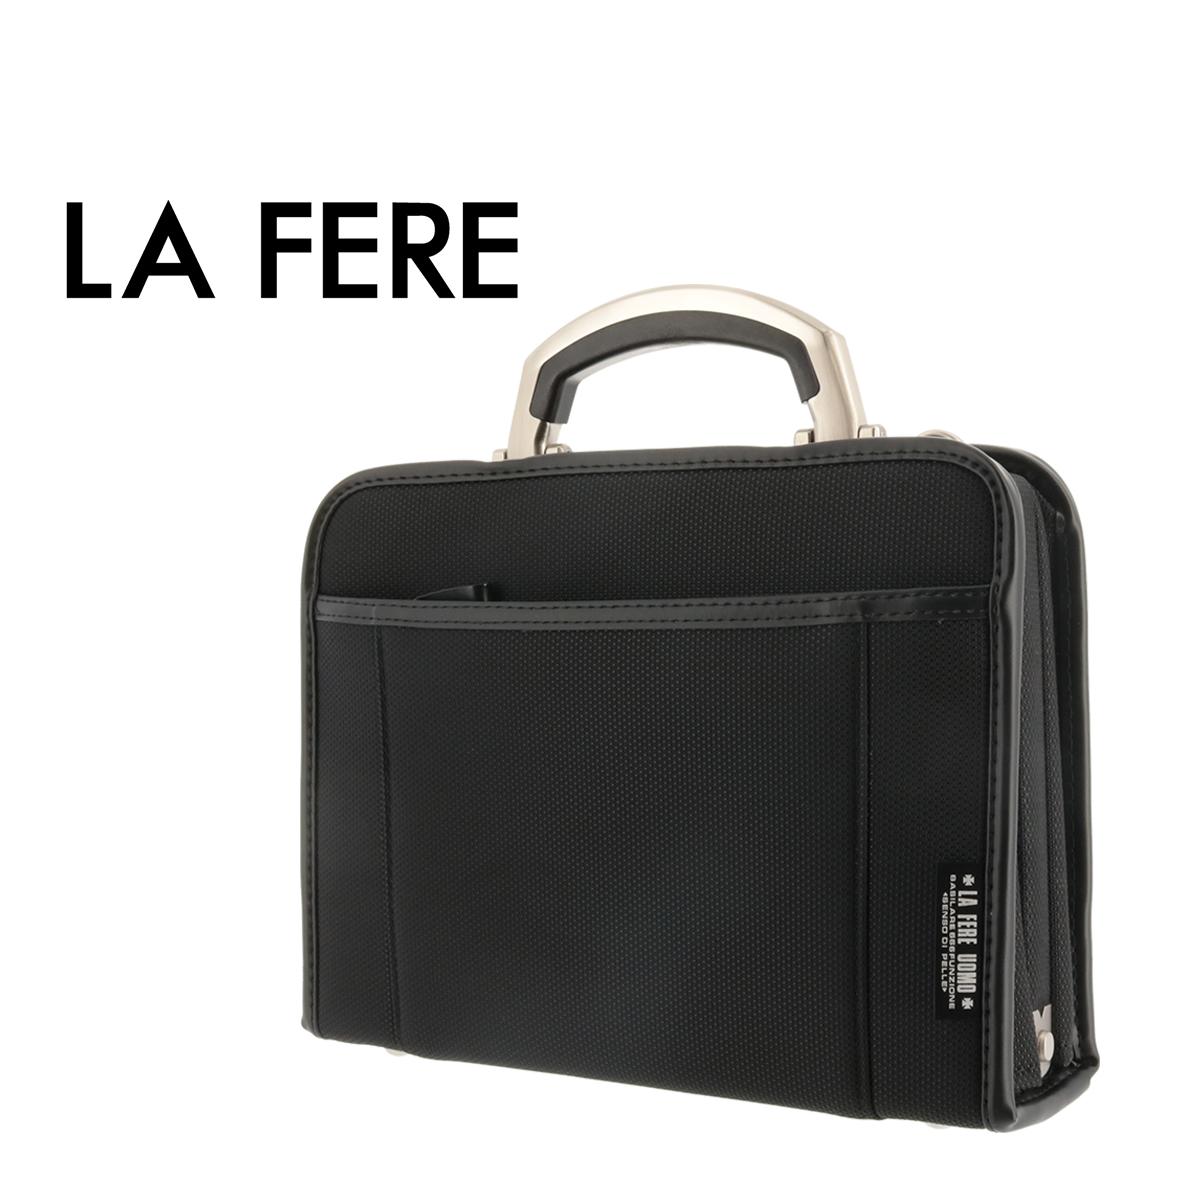 青木鞄 ラフェール セカンドバッグ オプス 6723 LA FERE ビジネスバッグ メンズ 日本製 中空糸ナイロン[bef]